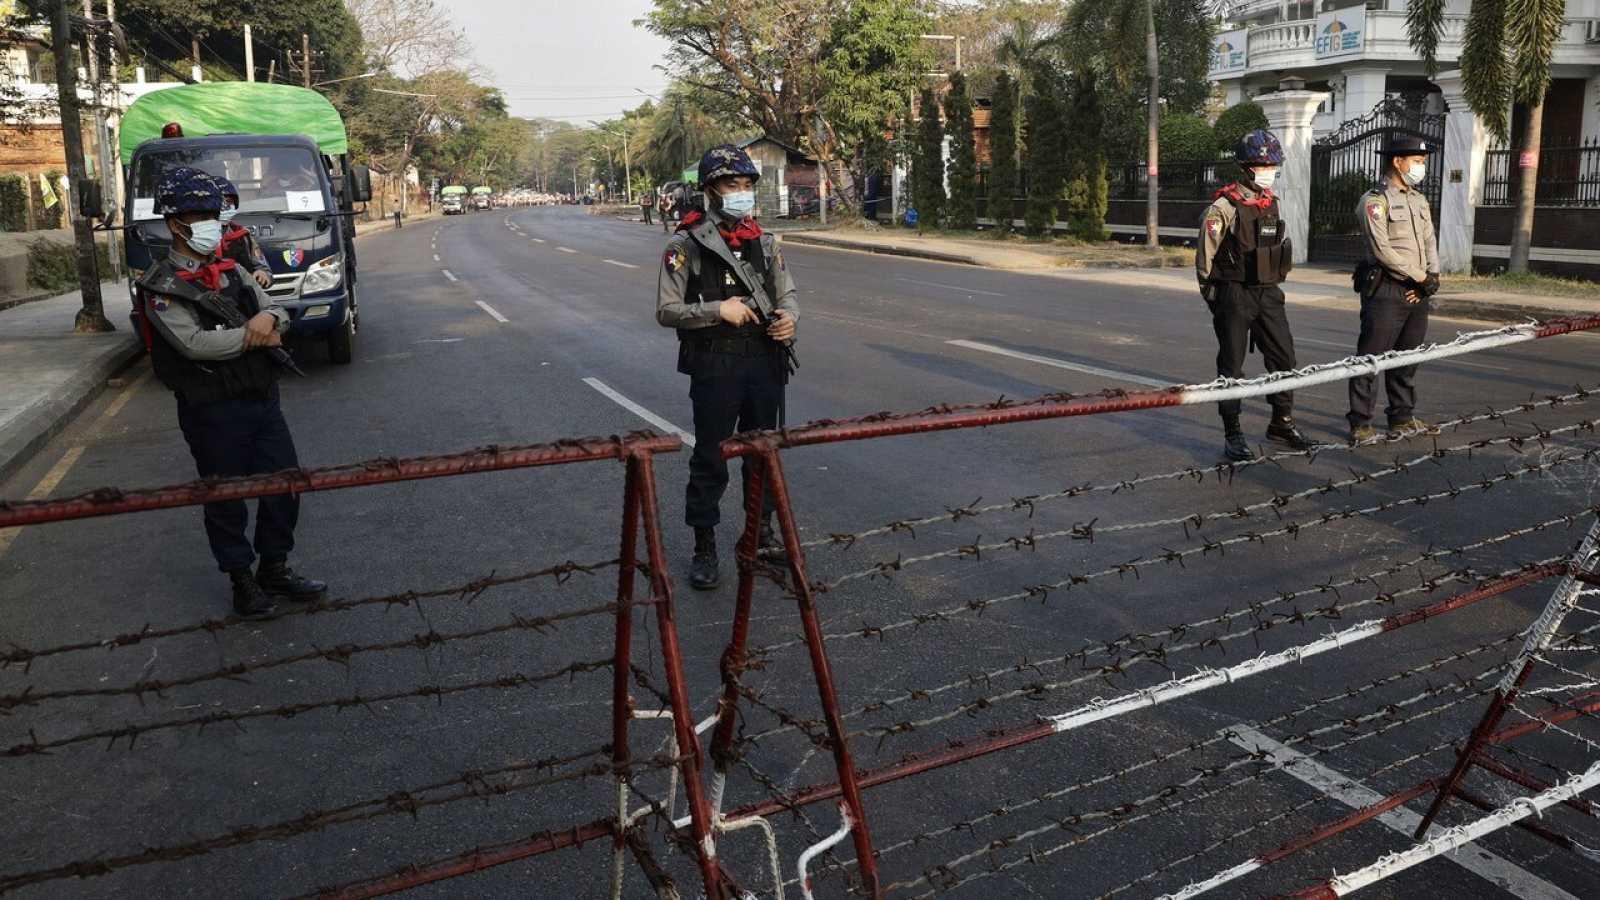 Militares protegen la embajada de Estados Unidos en Mandalay (Birmania) durante una protesta contra el golpe de Estado